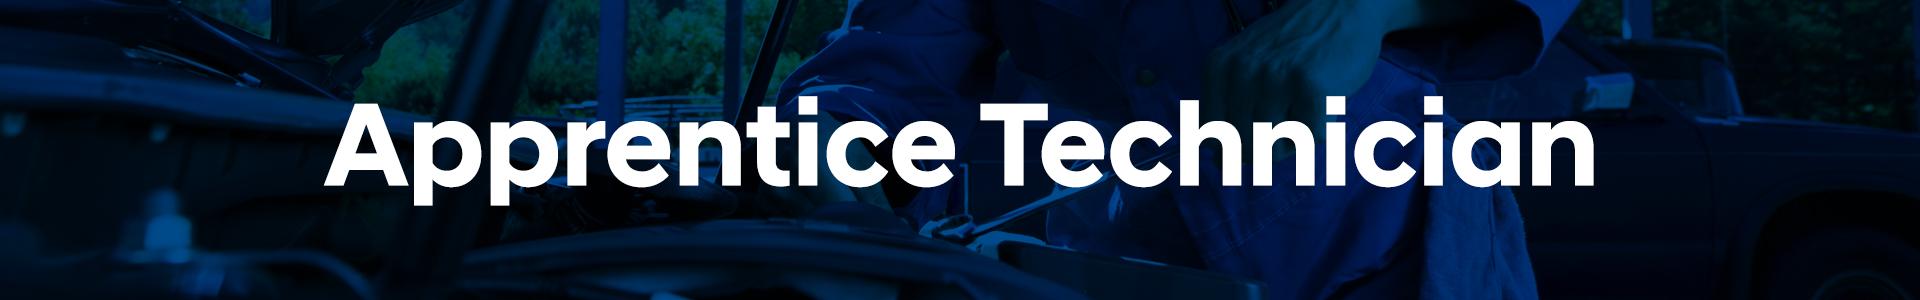 TOHyu-apprentice-technician